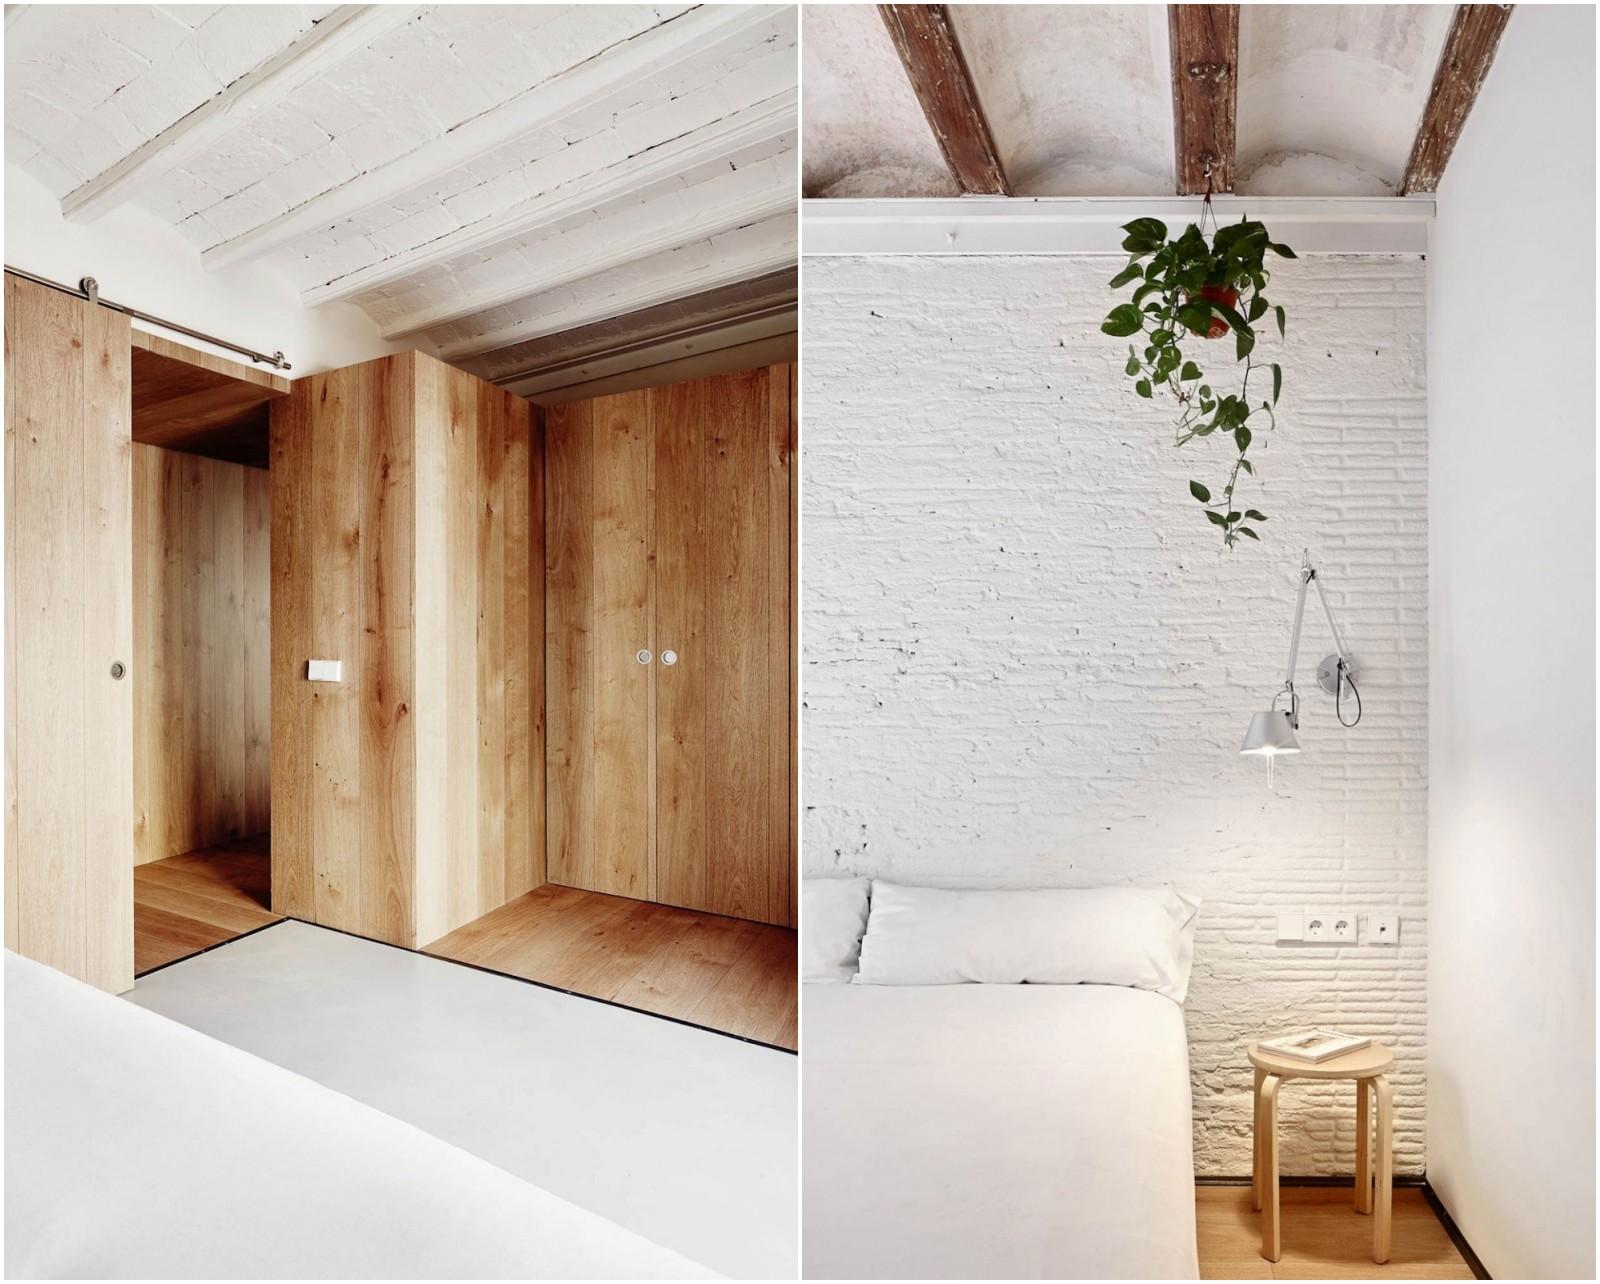 Borne Apartments by Mesura